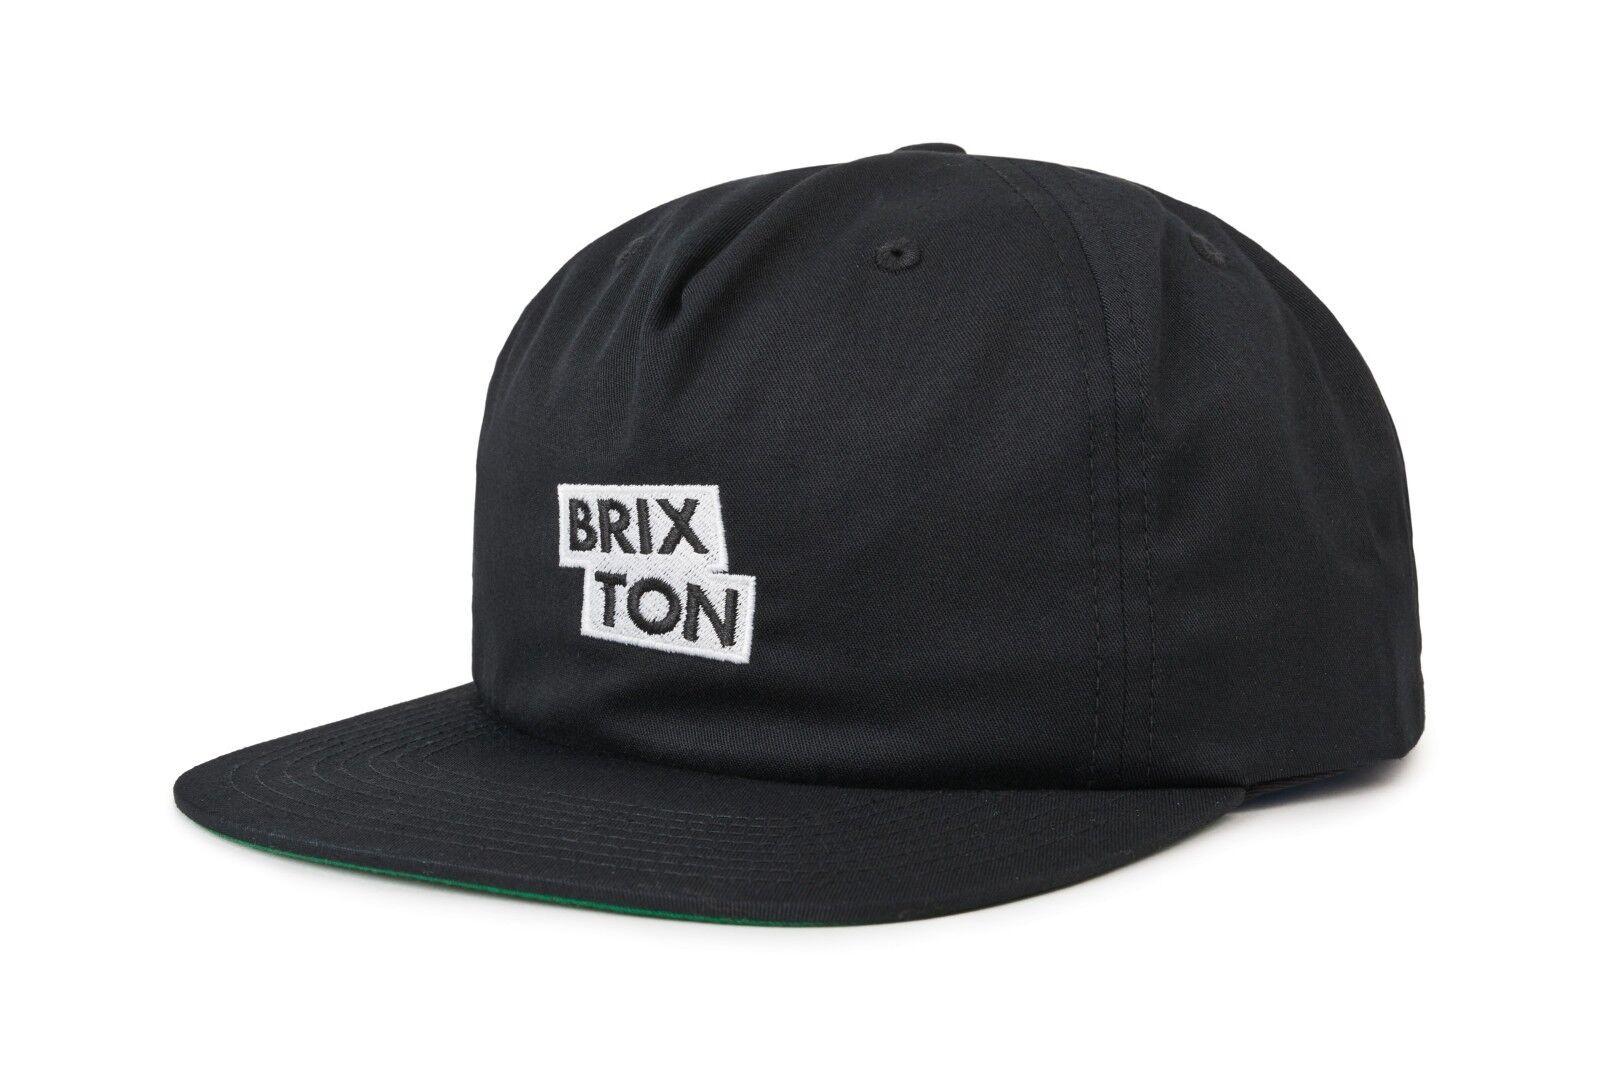 NWT Brixton Men's Mens Team Snapback Cap HAT OSFM Men's Brixton Adjustable Black BX97 156980